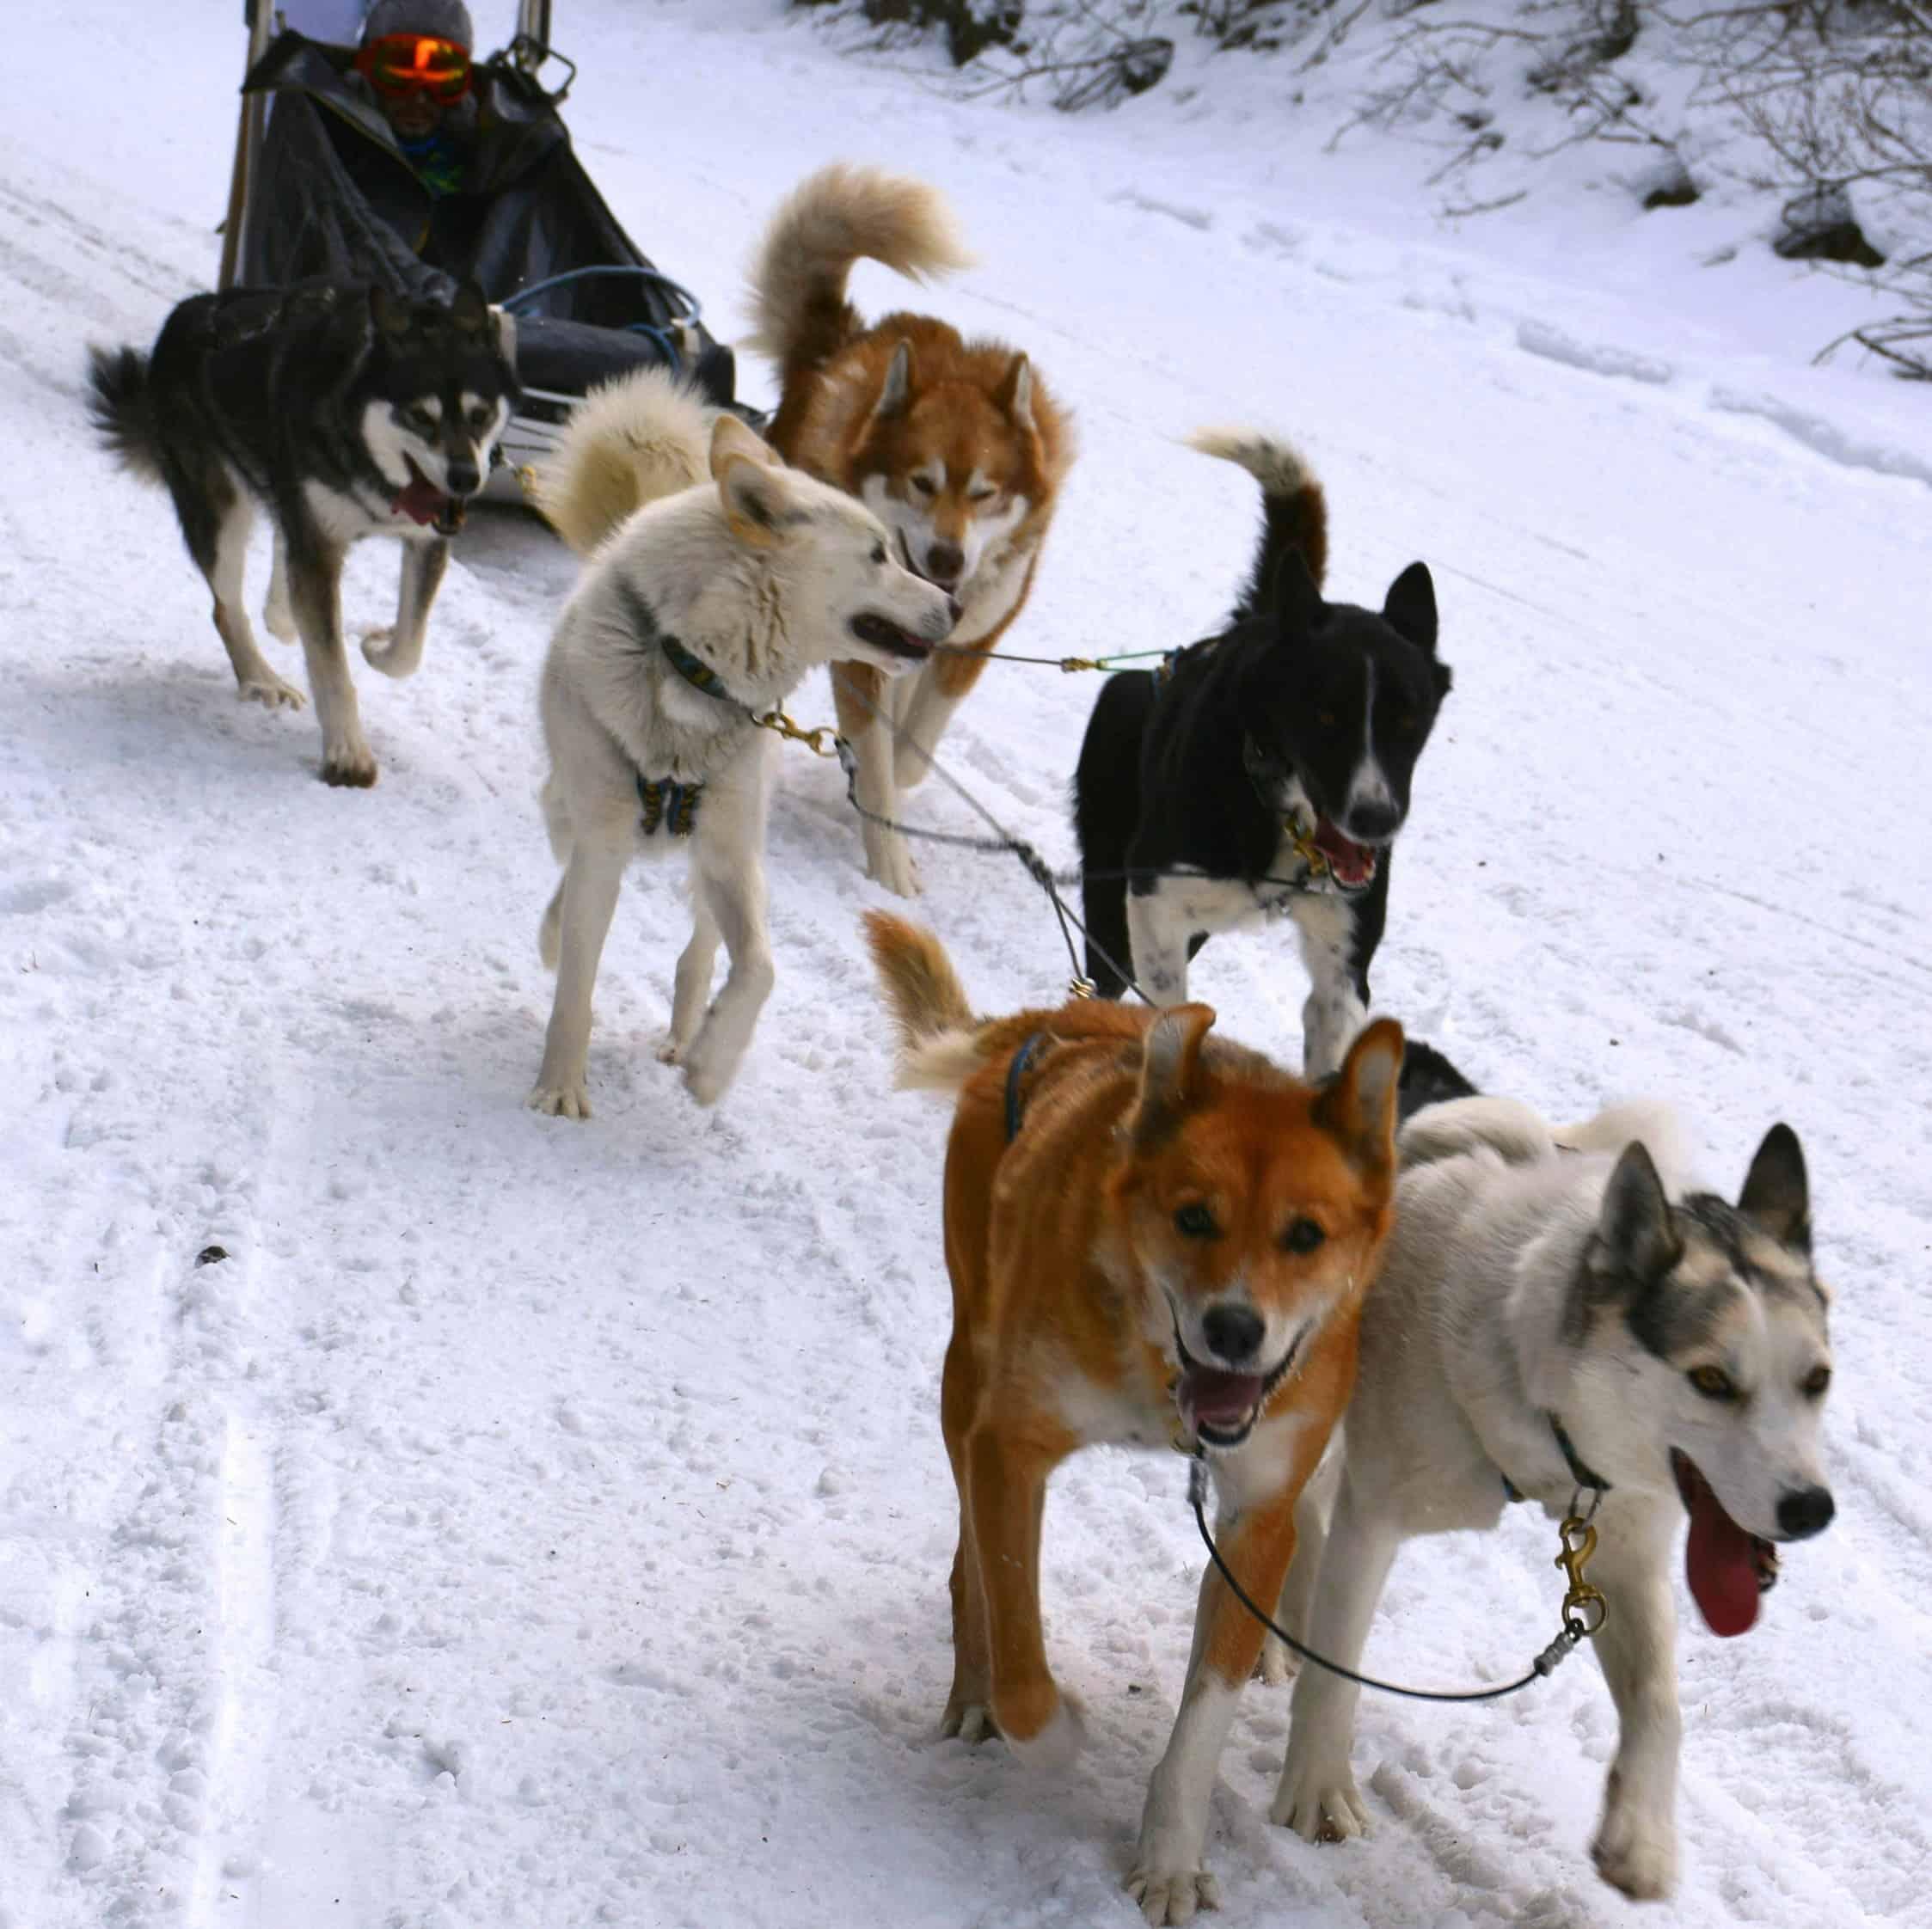 Dog sled action